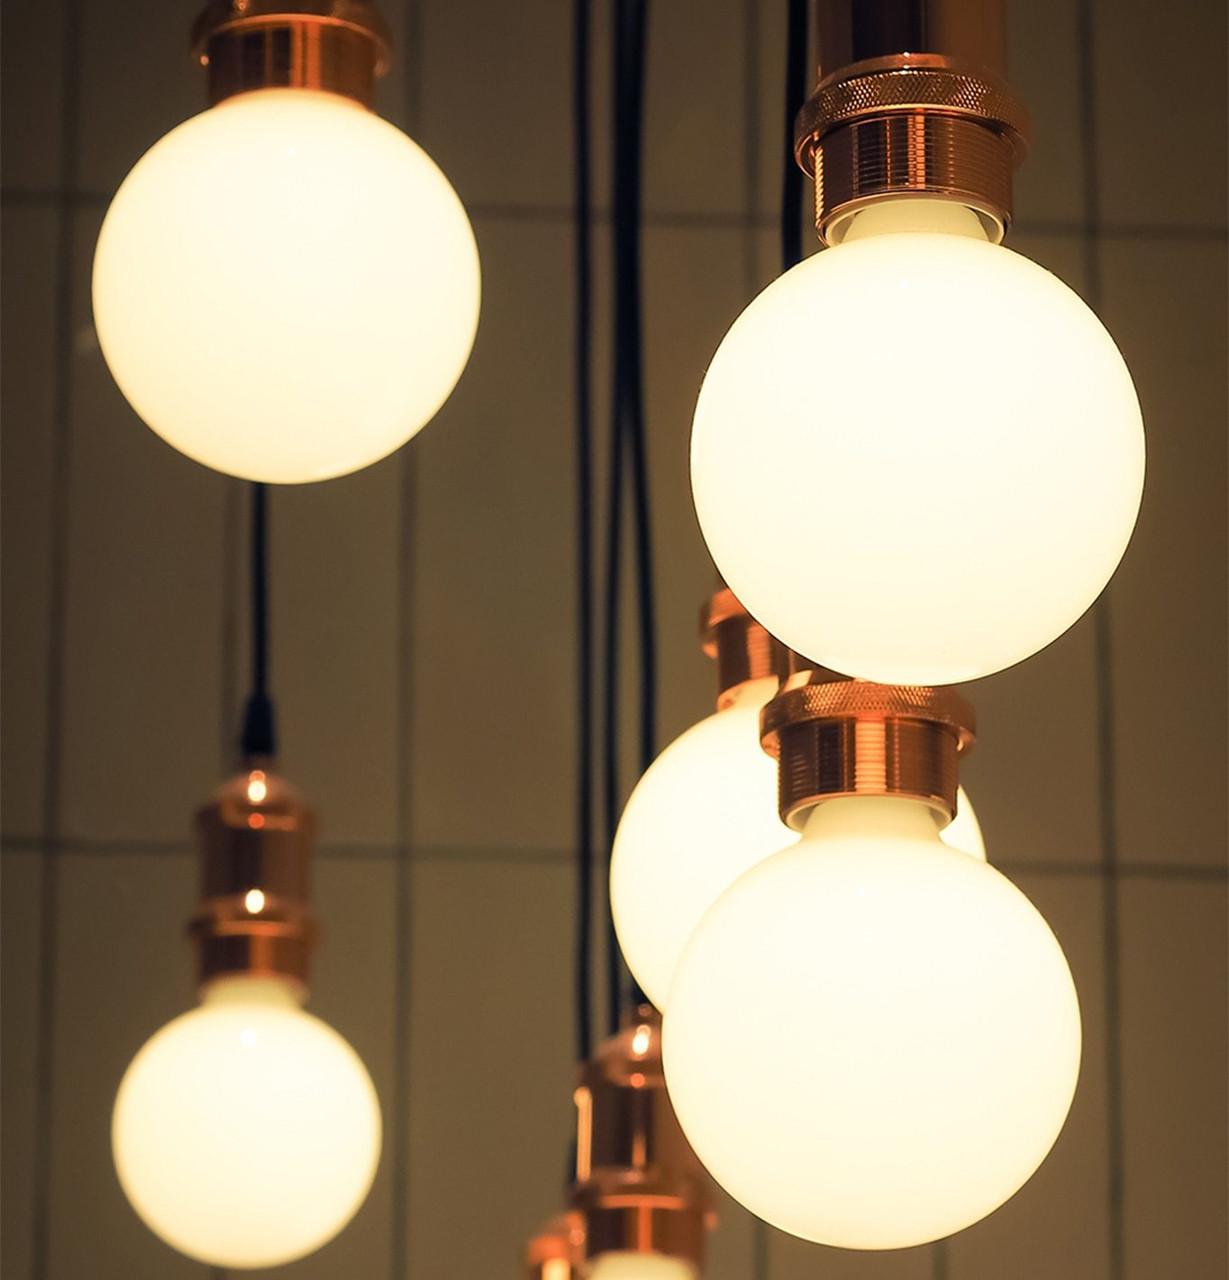 LED Globe 2200K Light Bulbs